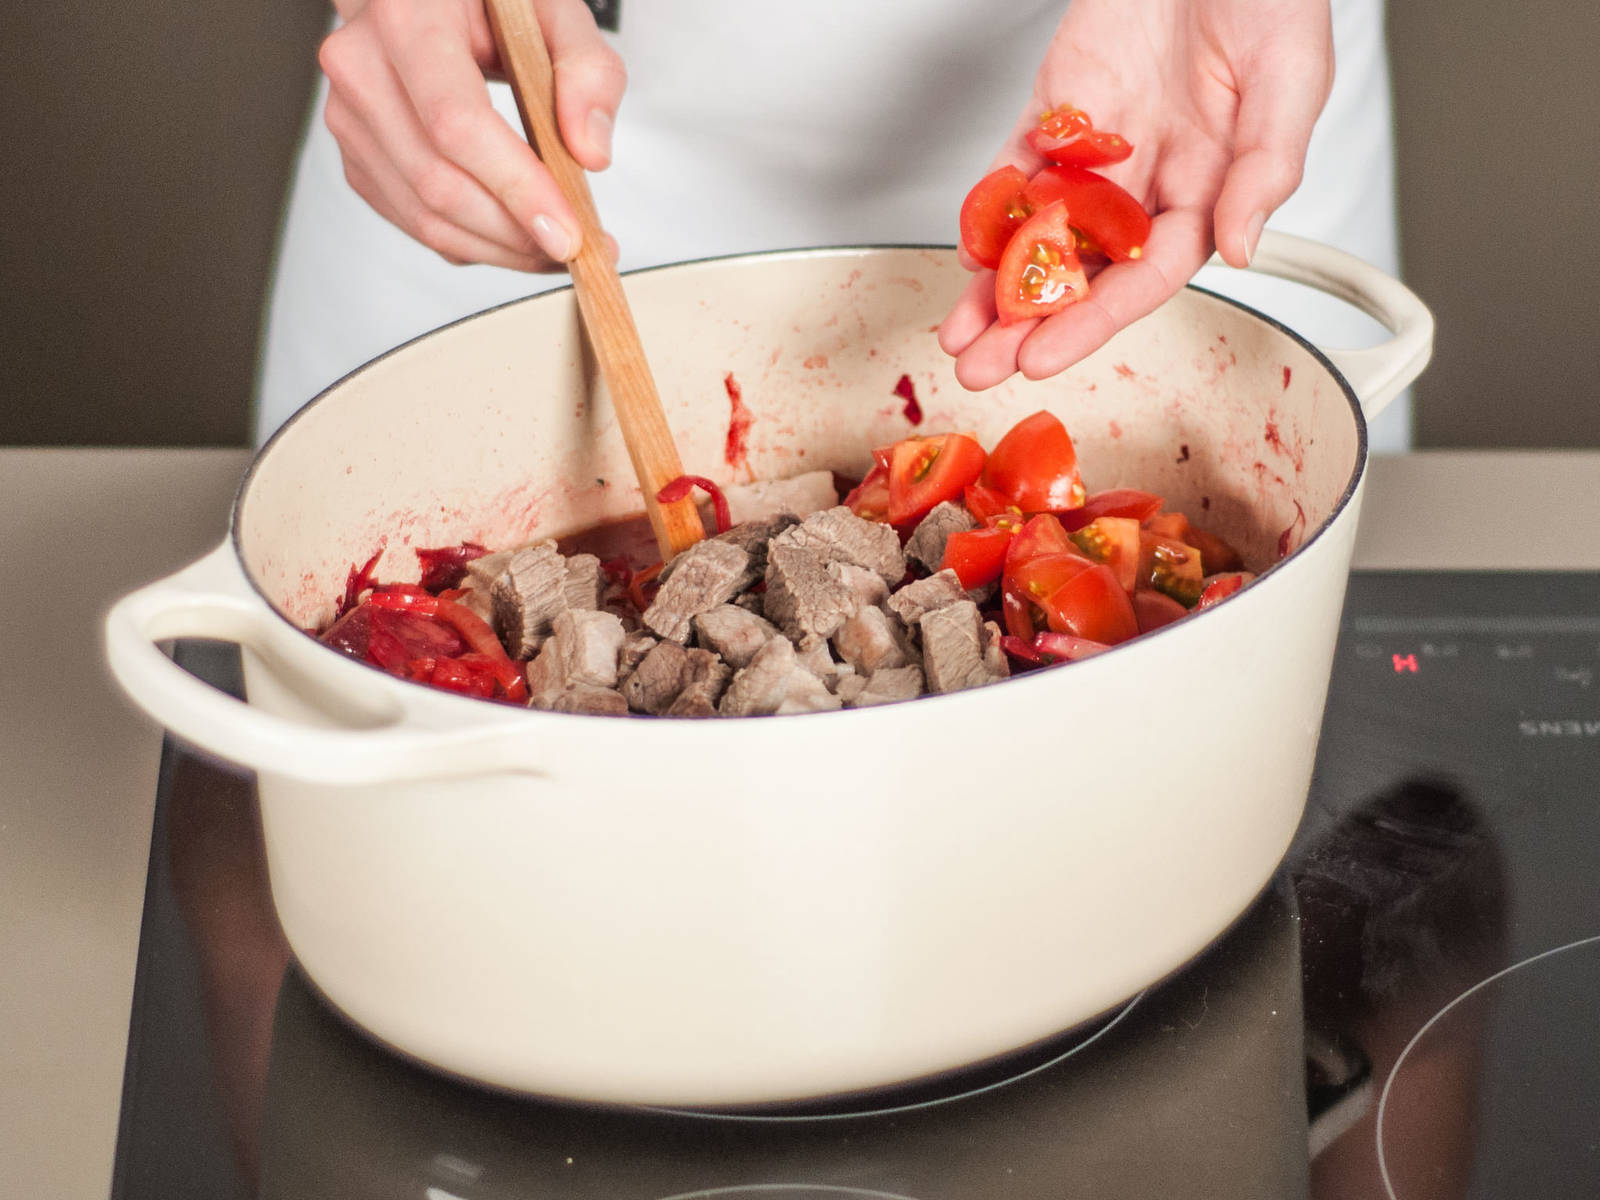 向锅中加入肉、多香果与番茄,并充分搅拌。